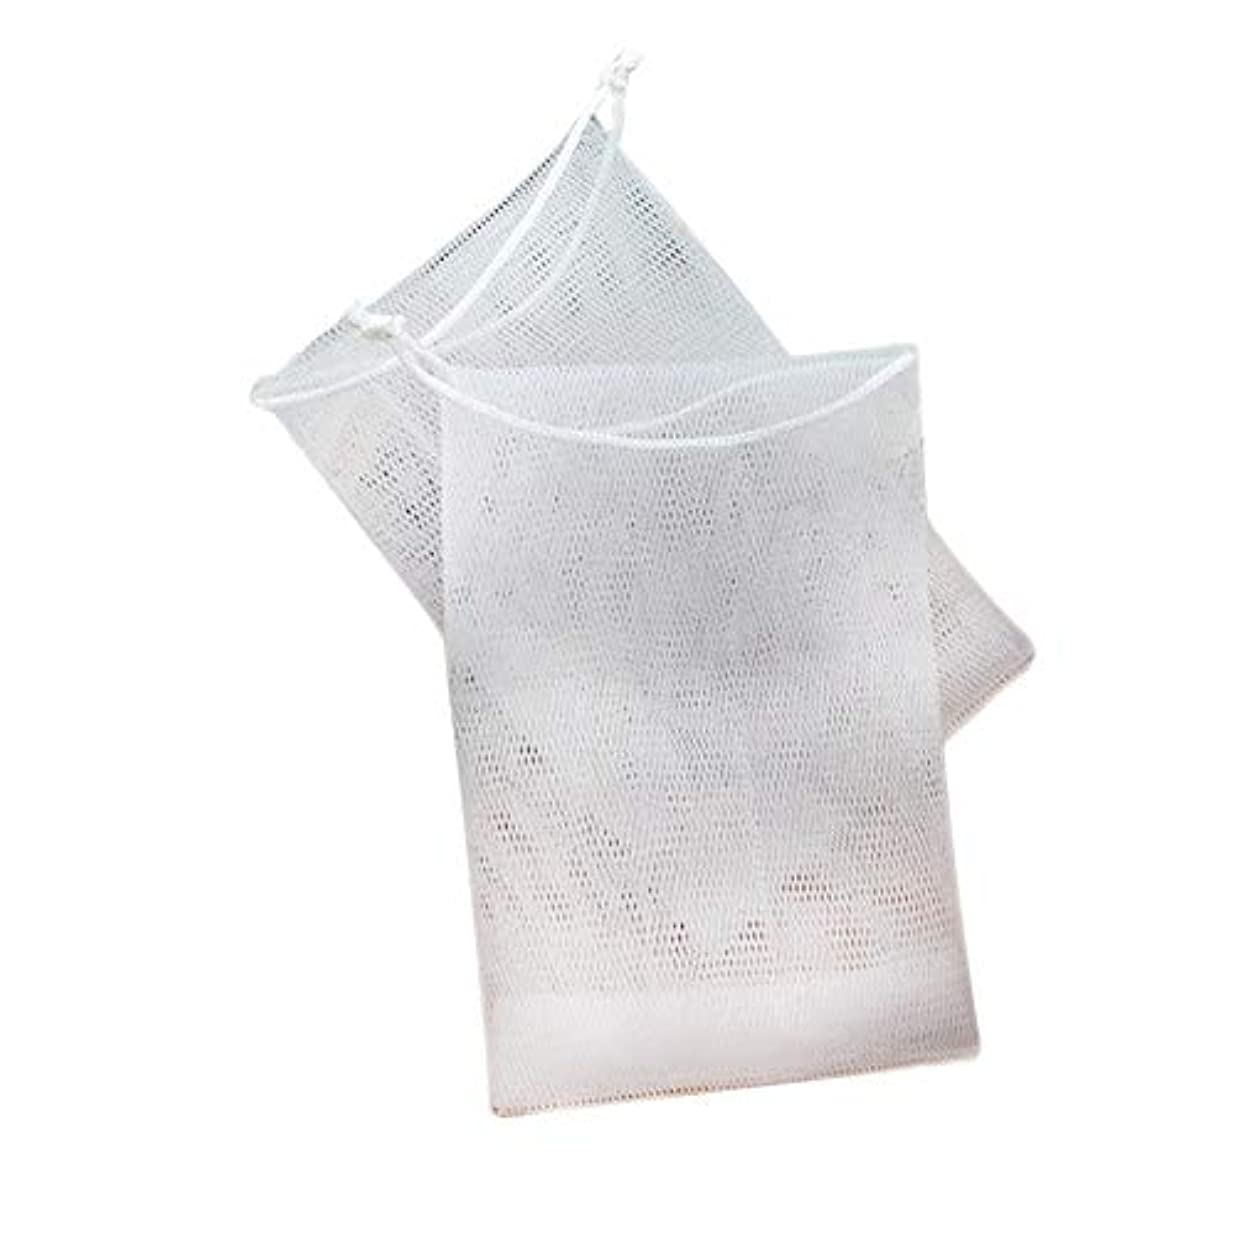 雑多な劇場価値石鹸の袋の網のドローストリング袋は ハンドメイドの石鹸の泡泡ネットメーカーのために掛けることができます 12×9cm